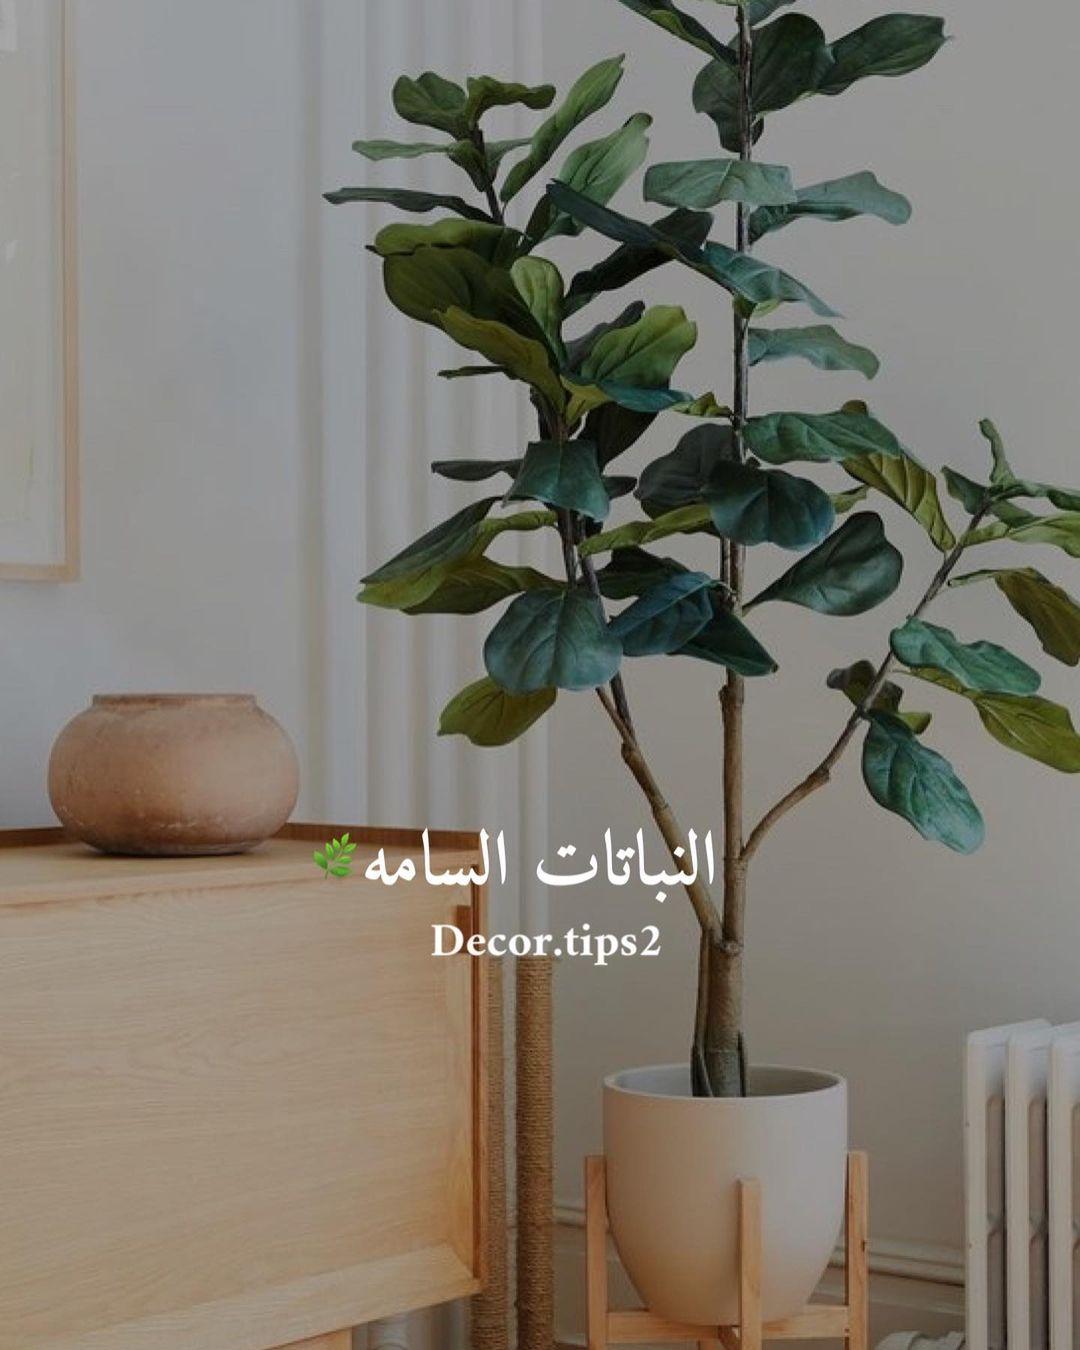 .هل كل نباتات الزينة سامة؟ هل تصل سمية نباتات الزينة للوفاة لاسمح الله؟ ما…